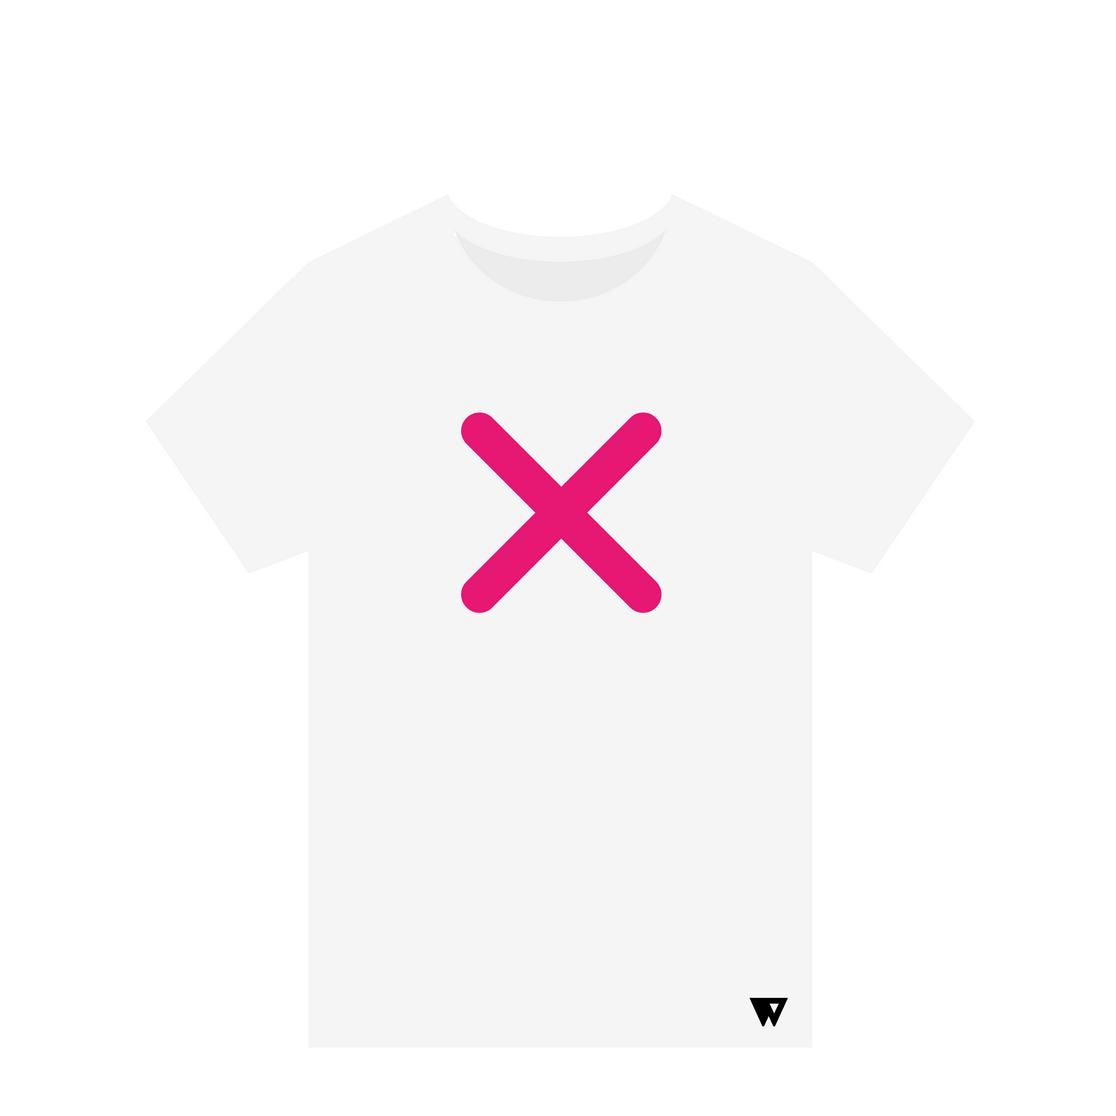 T-Shirt Pink Cross | Wuzzee